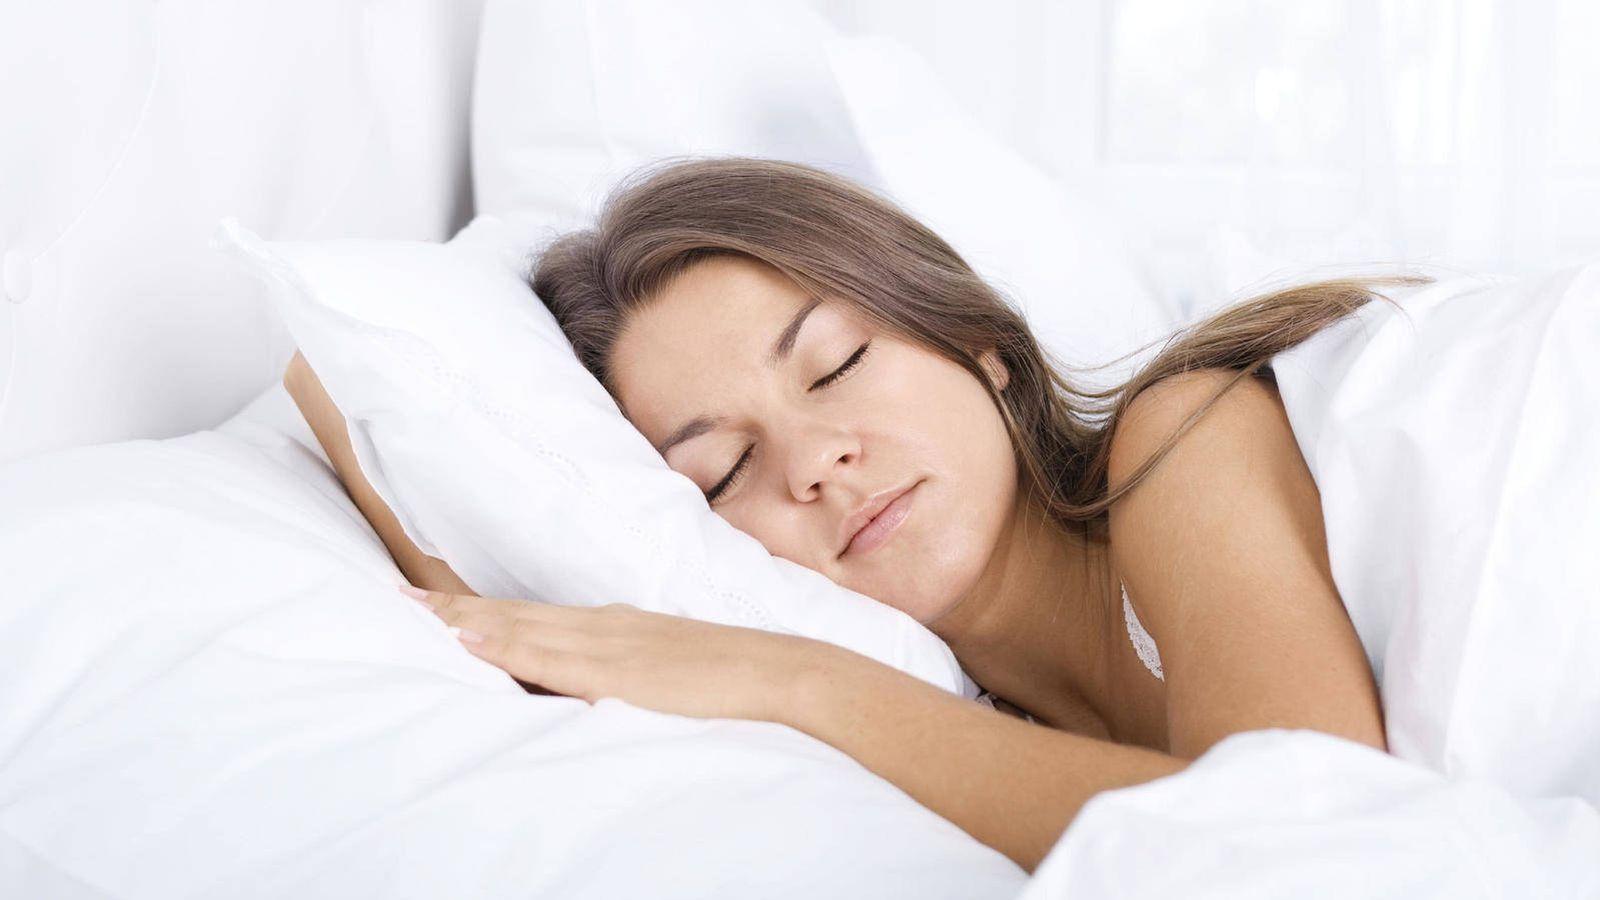 Salud Por Qué Aprietas O Rechinas Los Dientes Mientras Duermes